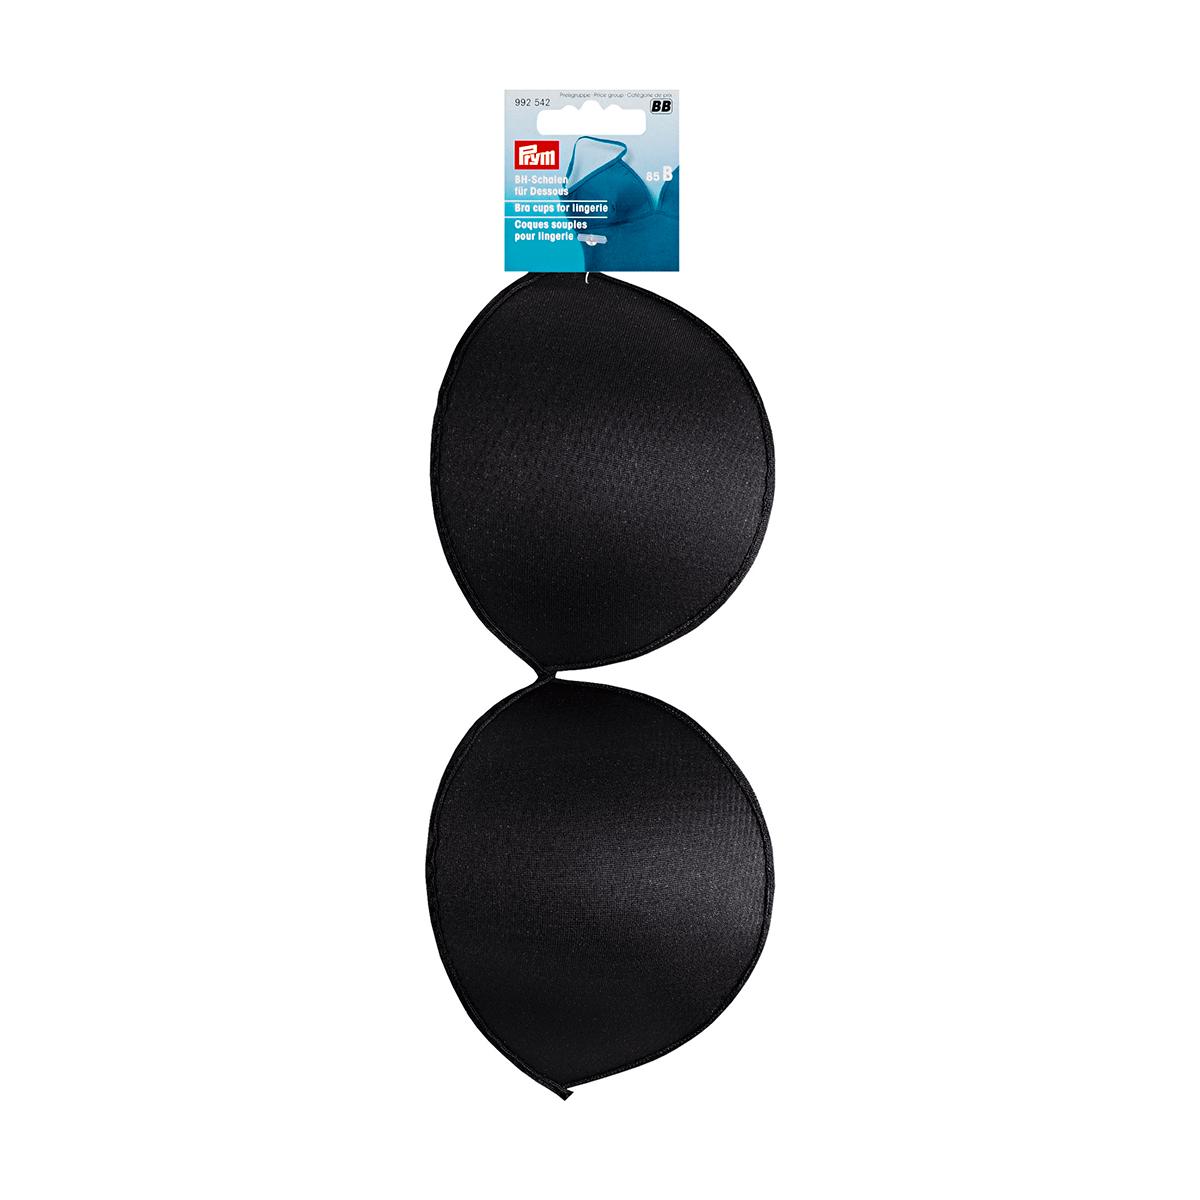 992540 Чашечки для бюстгальтера, размер A (75), черный, Prym